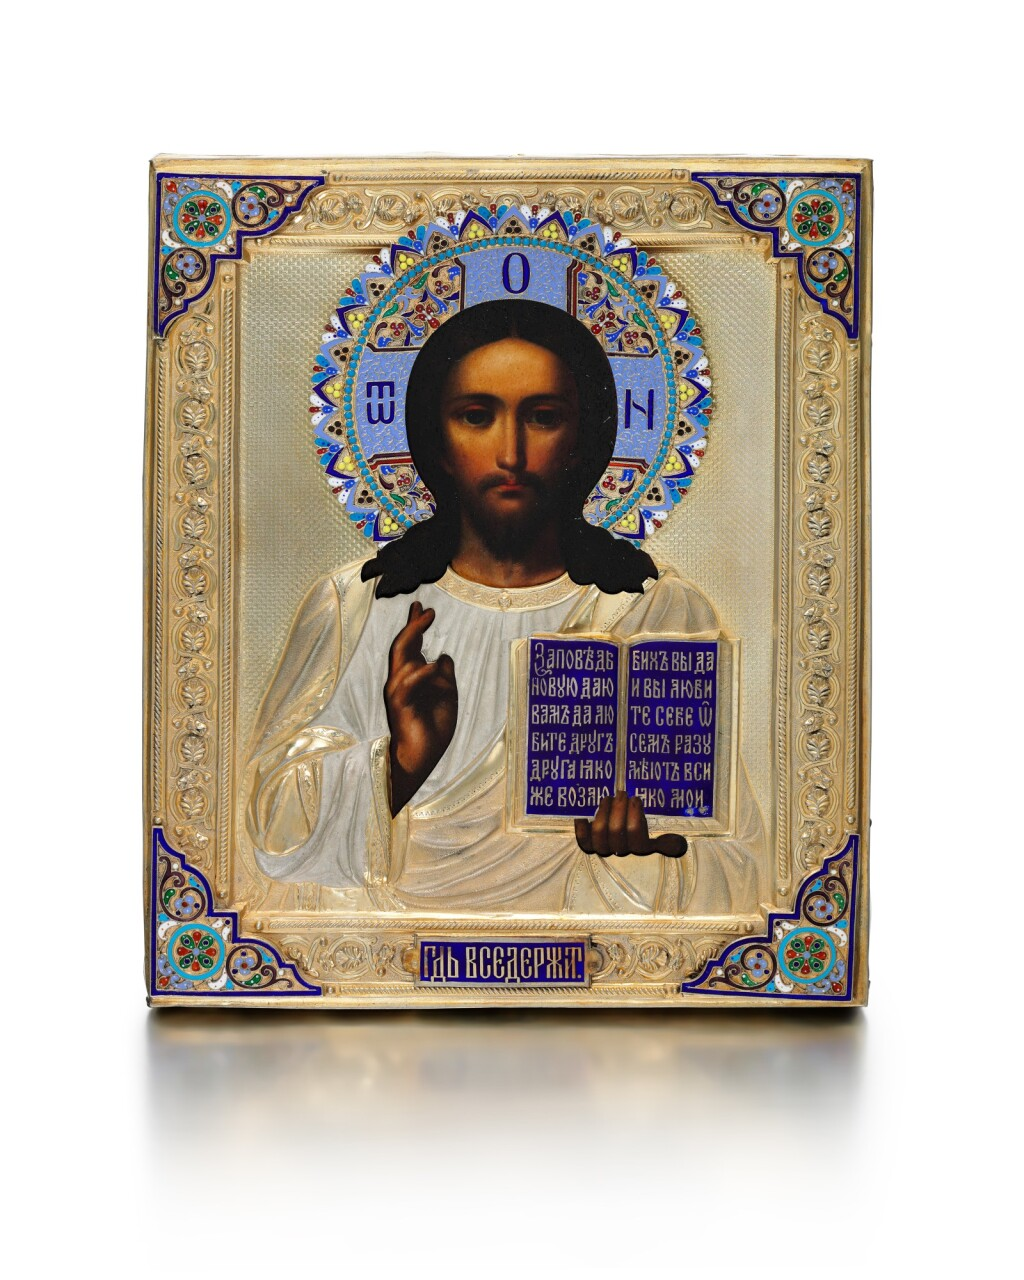 A SILVER-GILT AND CLOISONNÉ ENAMEL ICON OF CHRIST PANTOCRATOR, SEMYON GALKIN, MOSCOW, CIRCA 1901